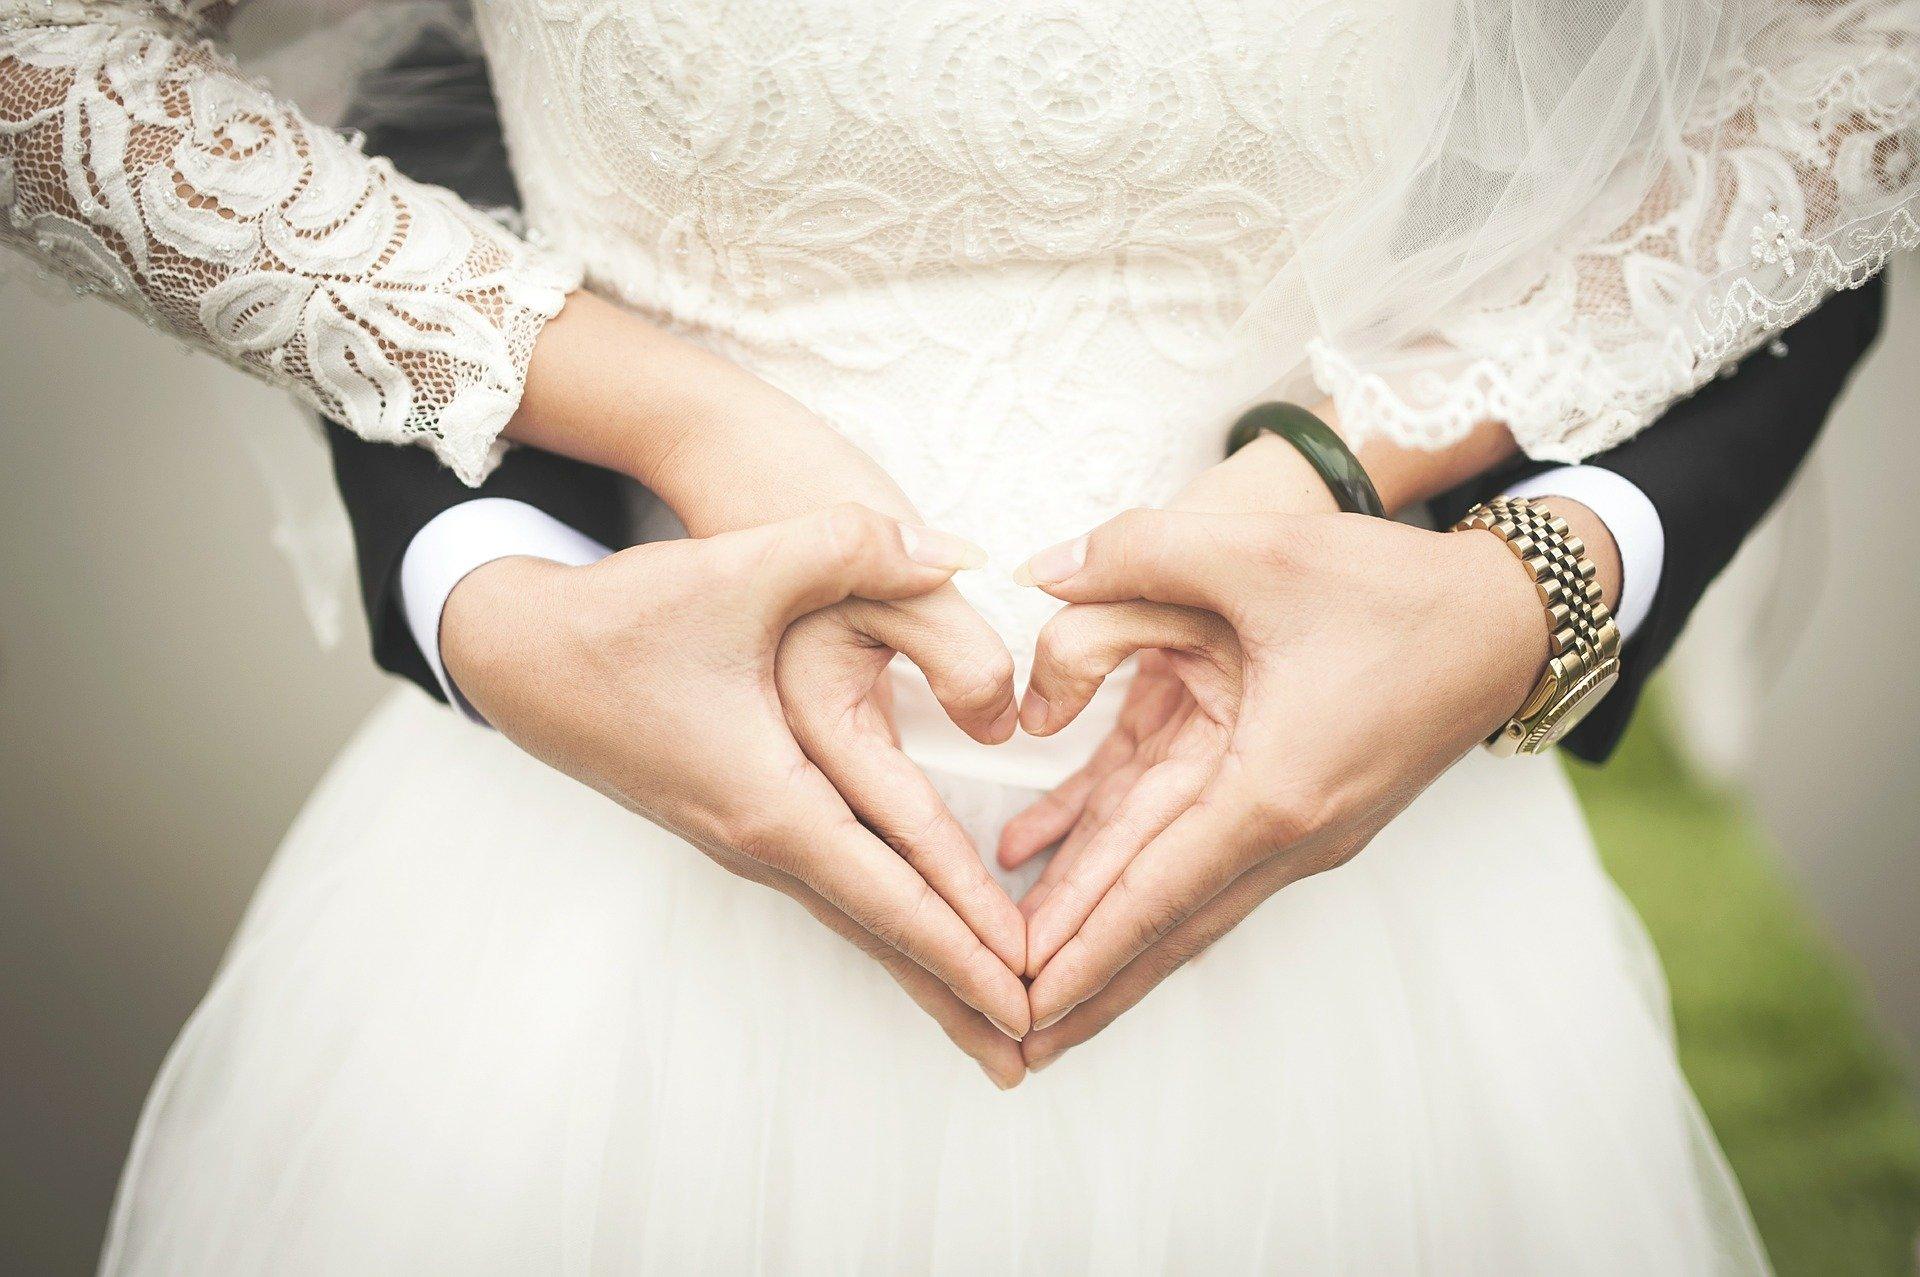 Ceremoniemeester bruiloft; van taken, kosten en tips hoe te vragen